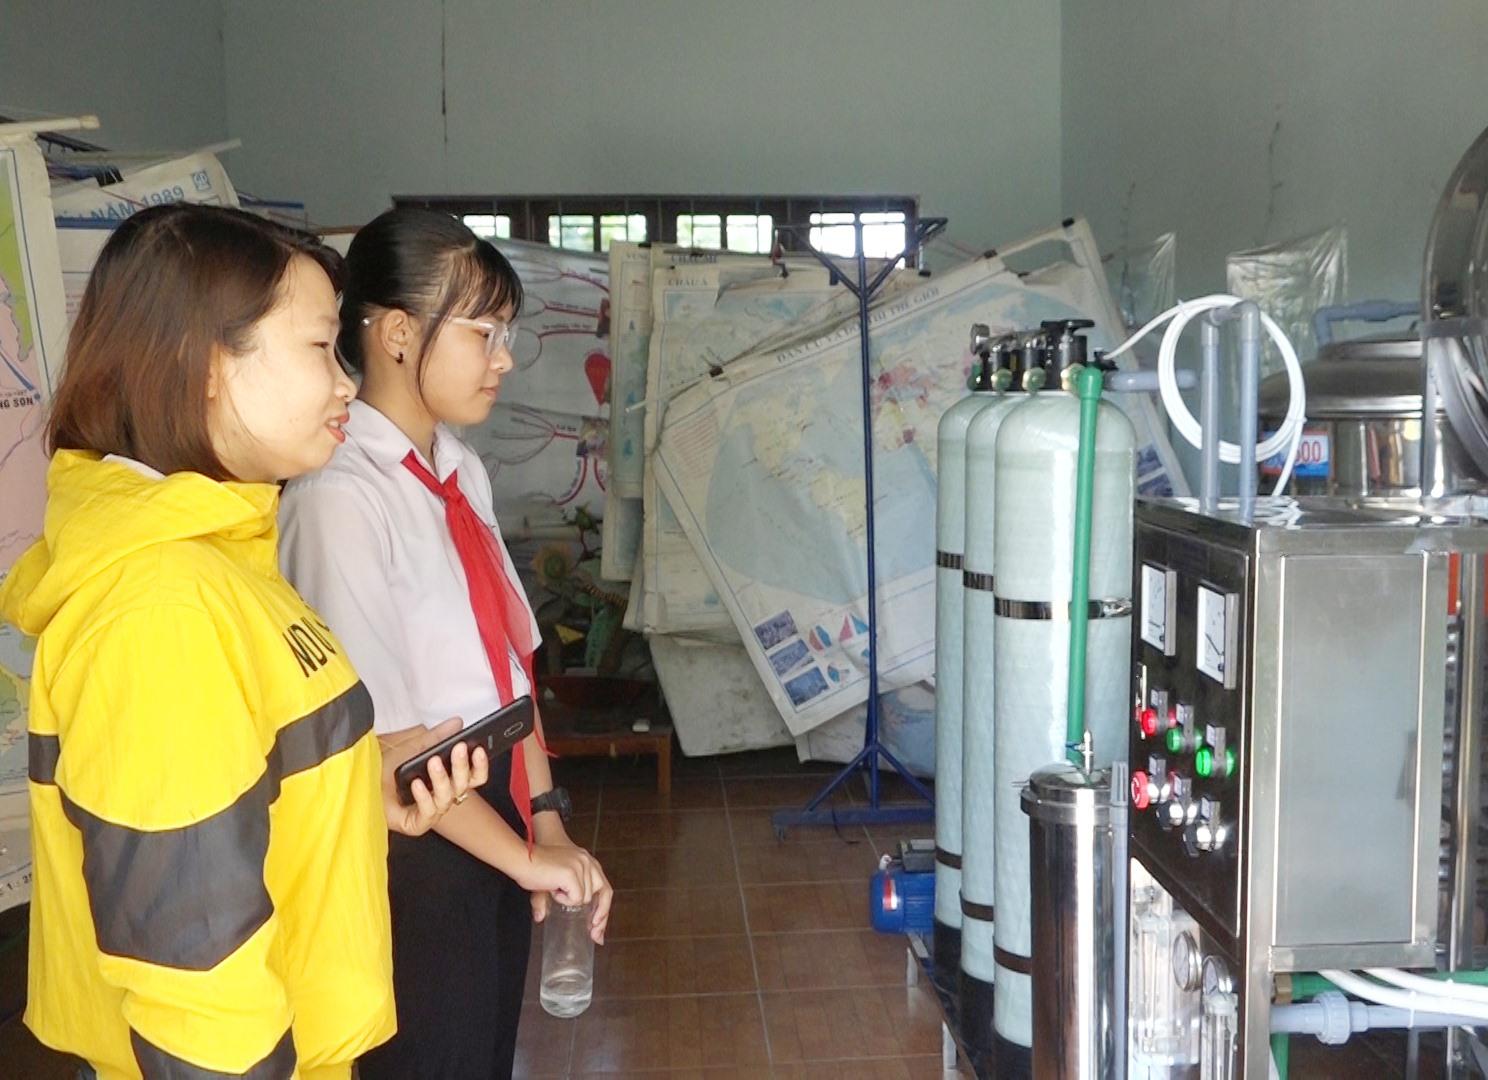 Hệ thống nước sạch tại Trường THCS Nguyễn Tri Phương (Bình Quế, Thăng Bình) do Tổ chức COV tài trợ. Ảnh: B.T